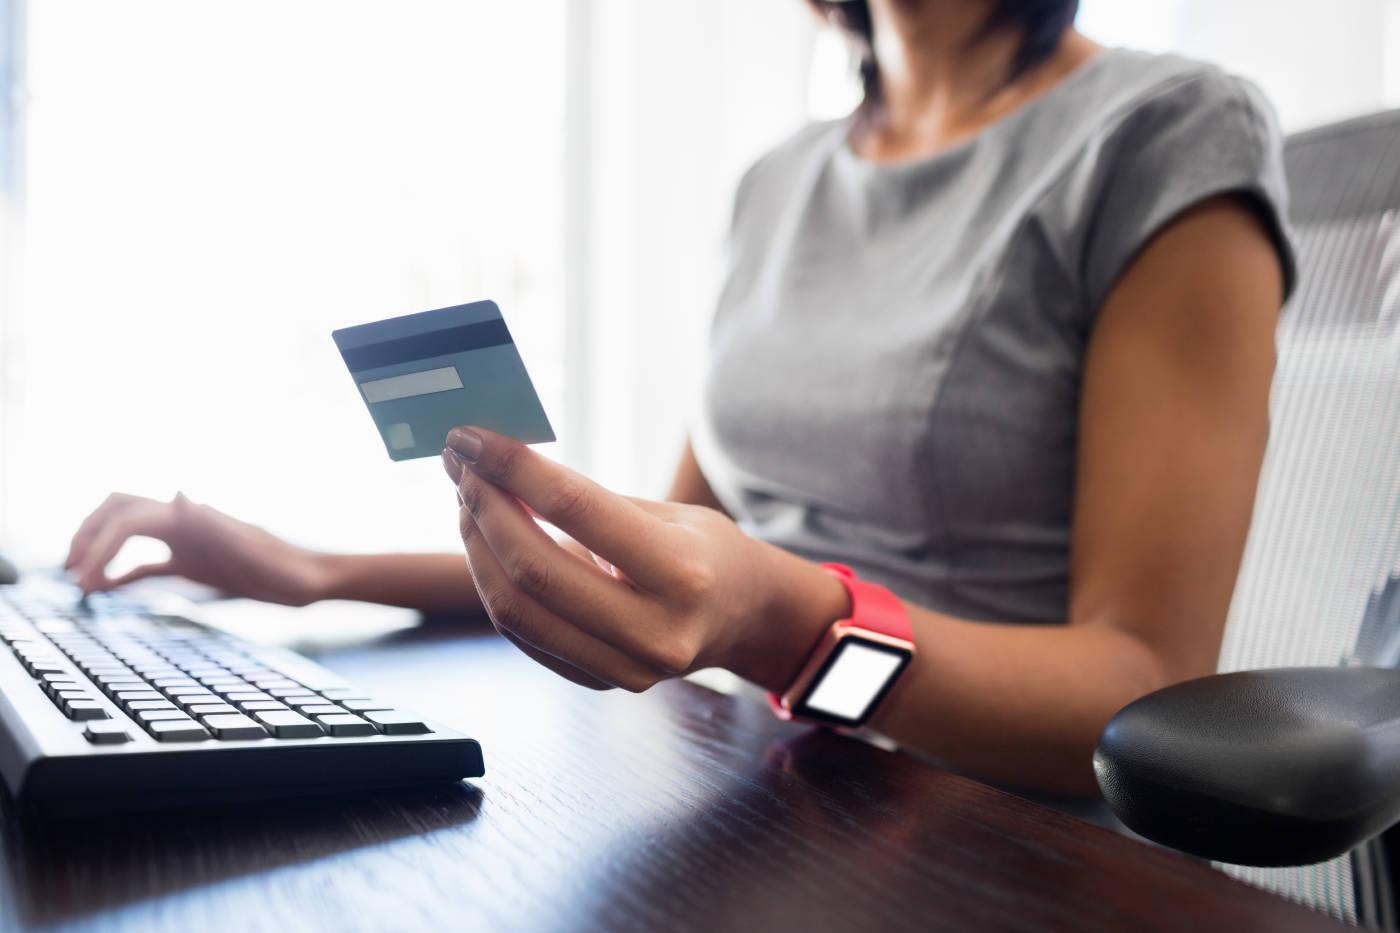 工资卡所在行更容易下卡吗?申卡还需提供哪些材料?